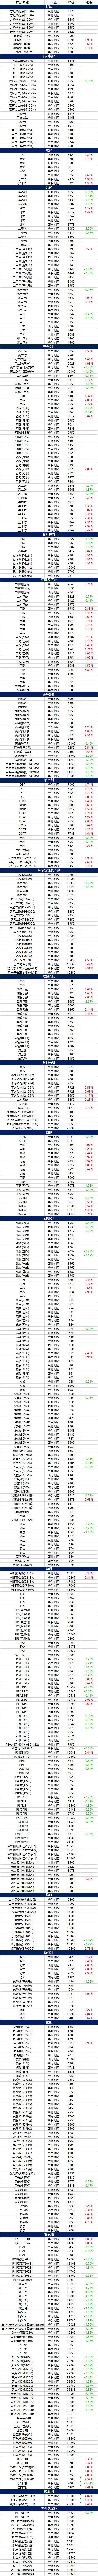 11月9日摩贝基础化学品价格行情